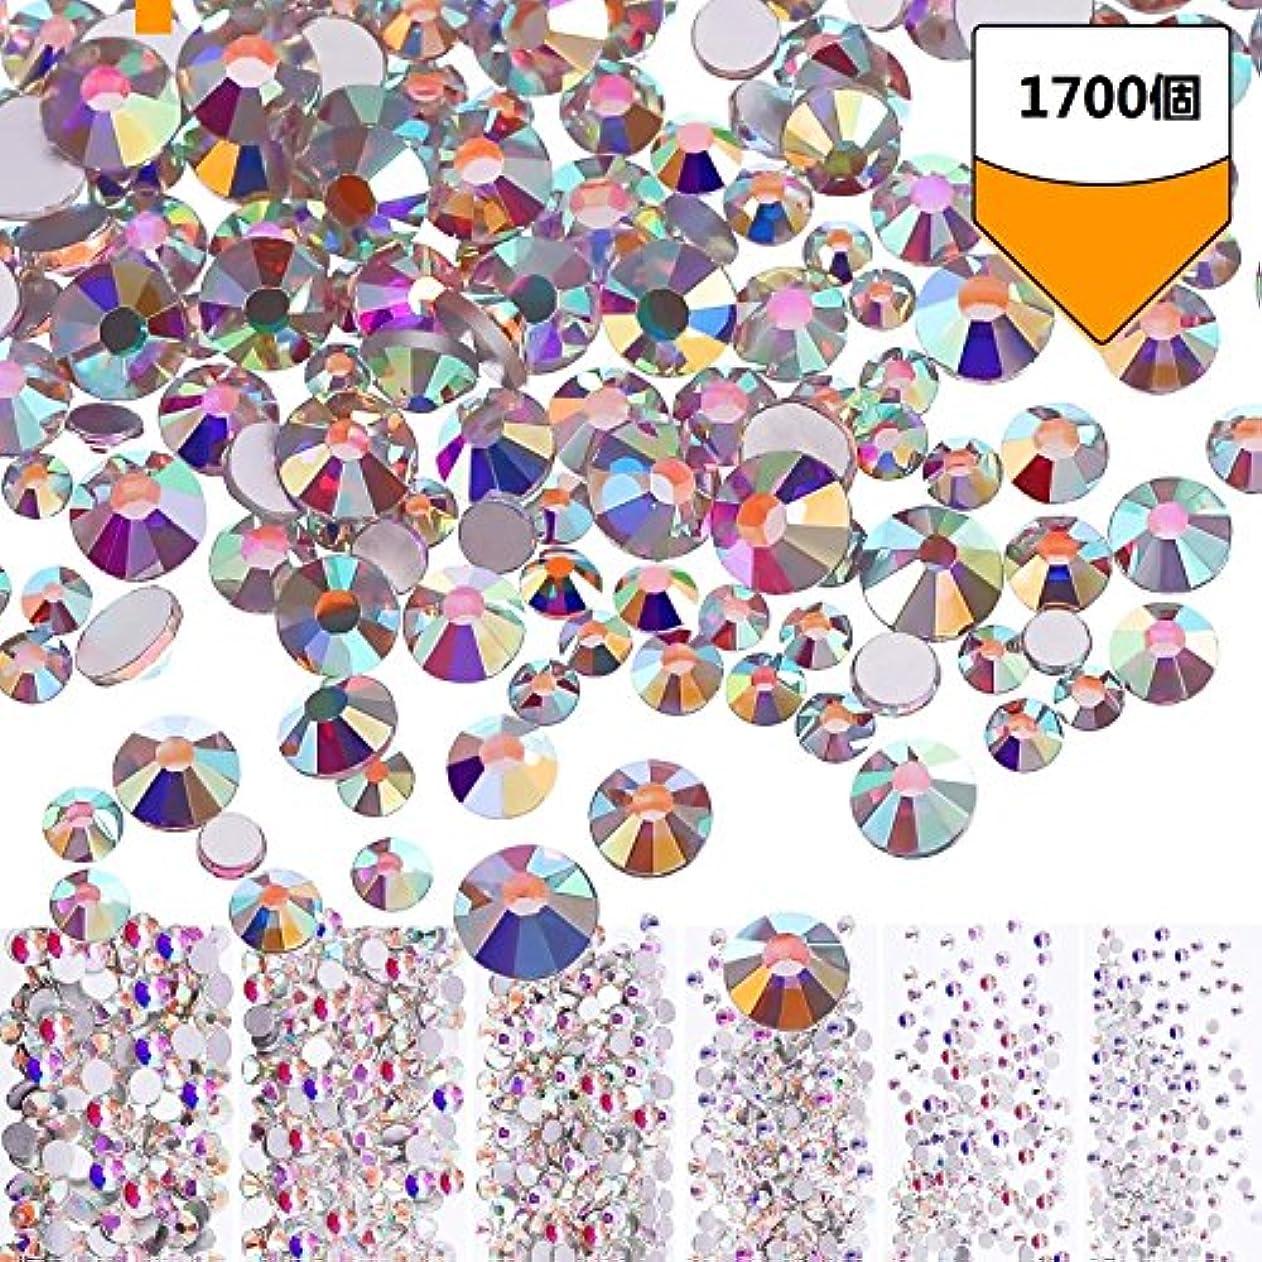 不健全乱気流一時停止ラインストーン ネイル デコ ガラスストーン クリスタル 改良 高品質ガラス製ラインストーン(1.6mm-3mm 約1700粒)